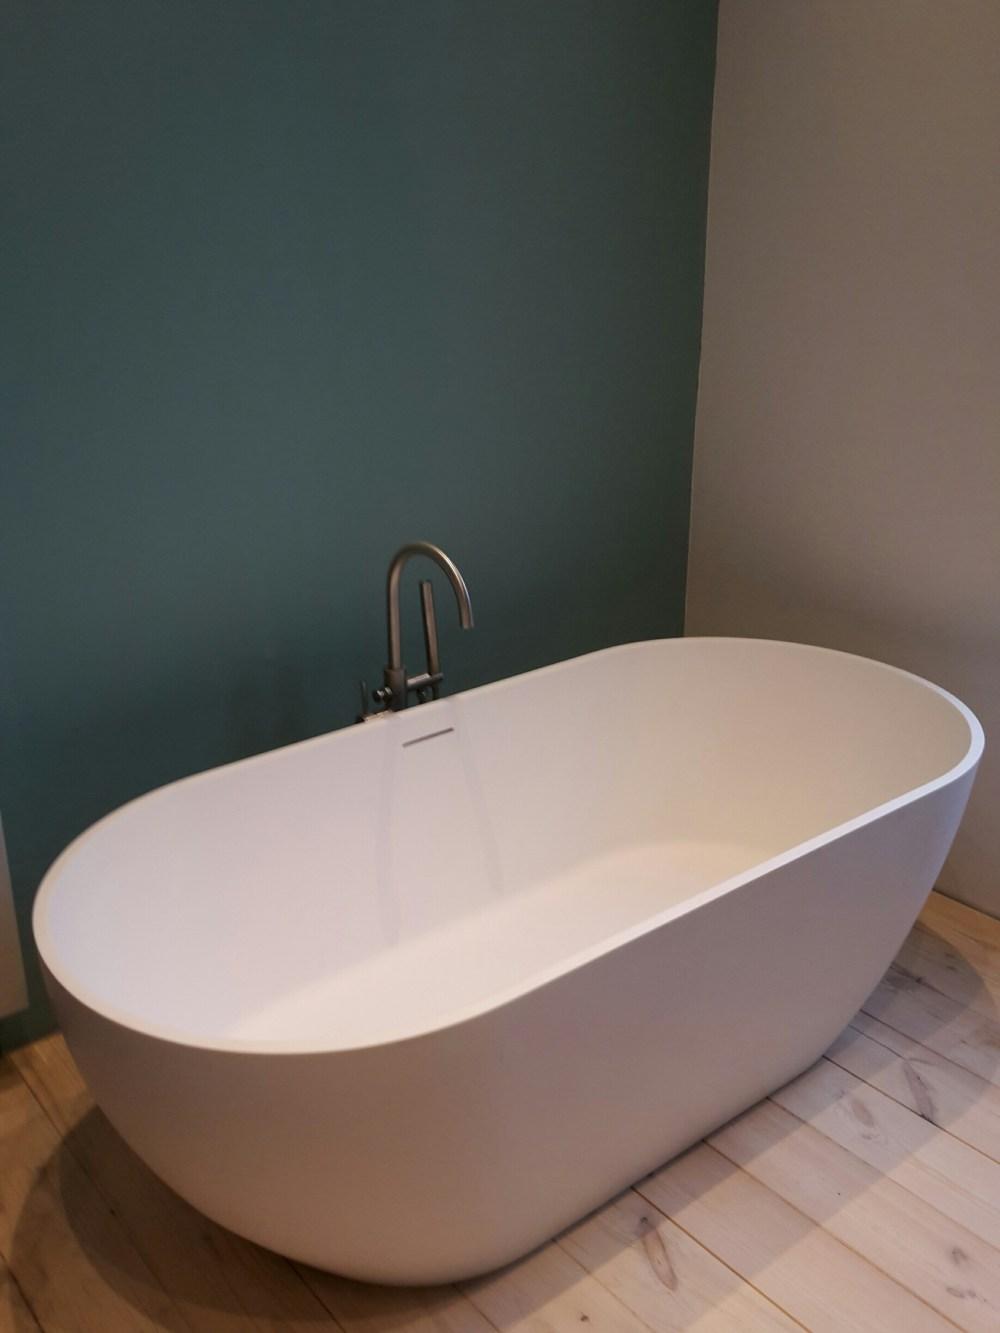 Op weg naar een nieuwe badkamer: het bad!